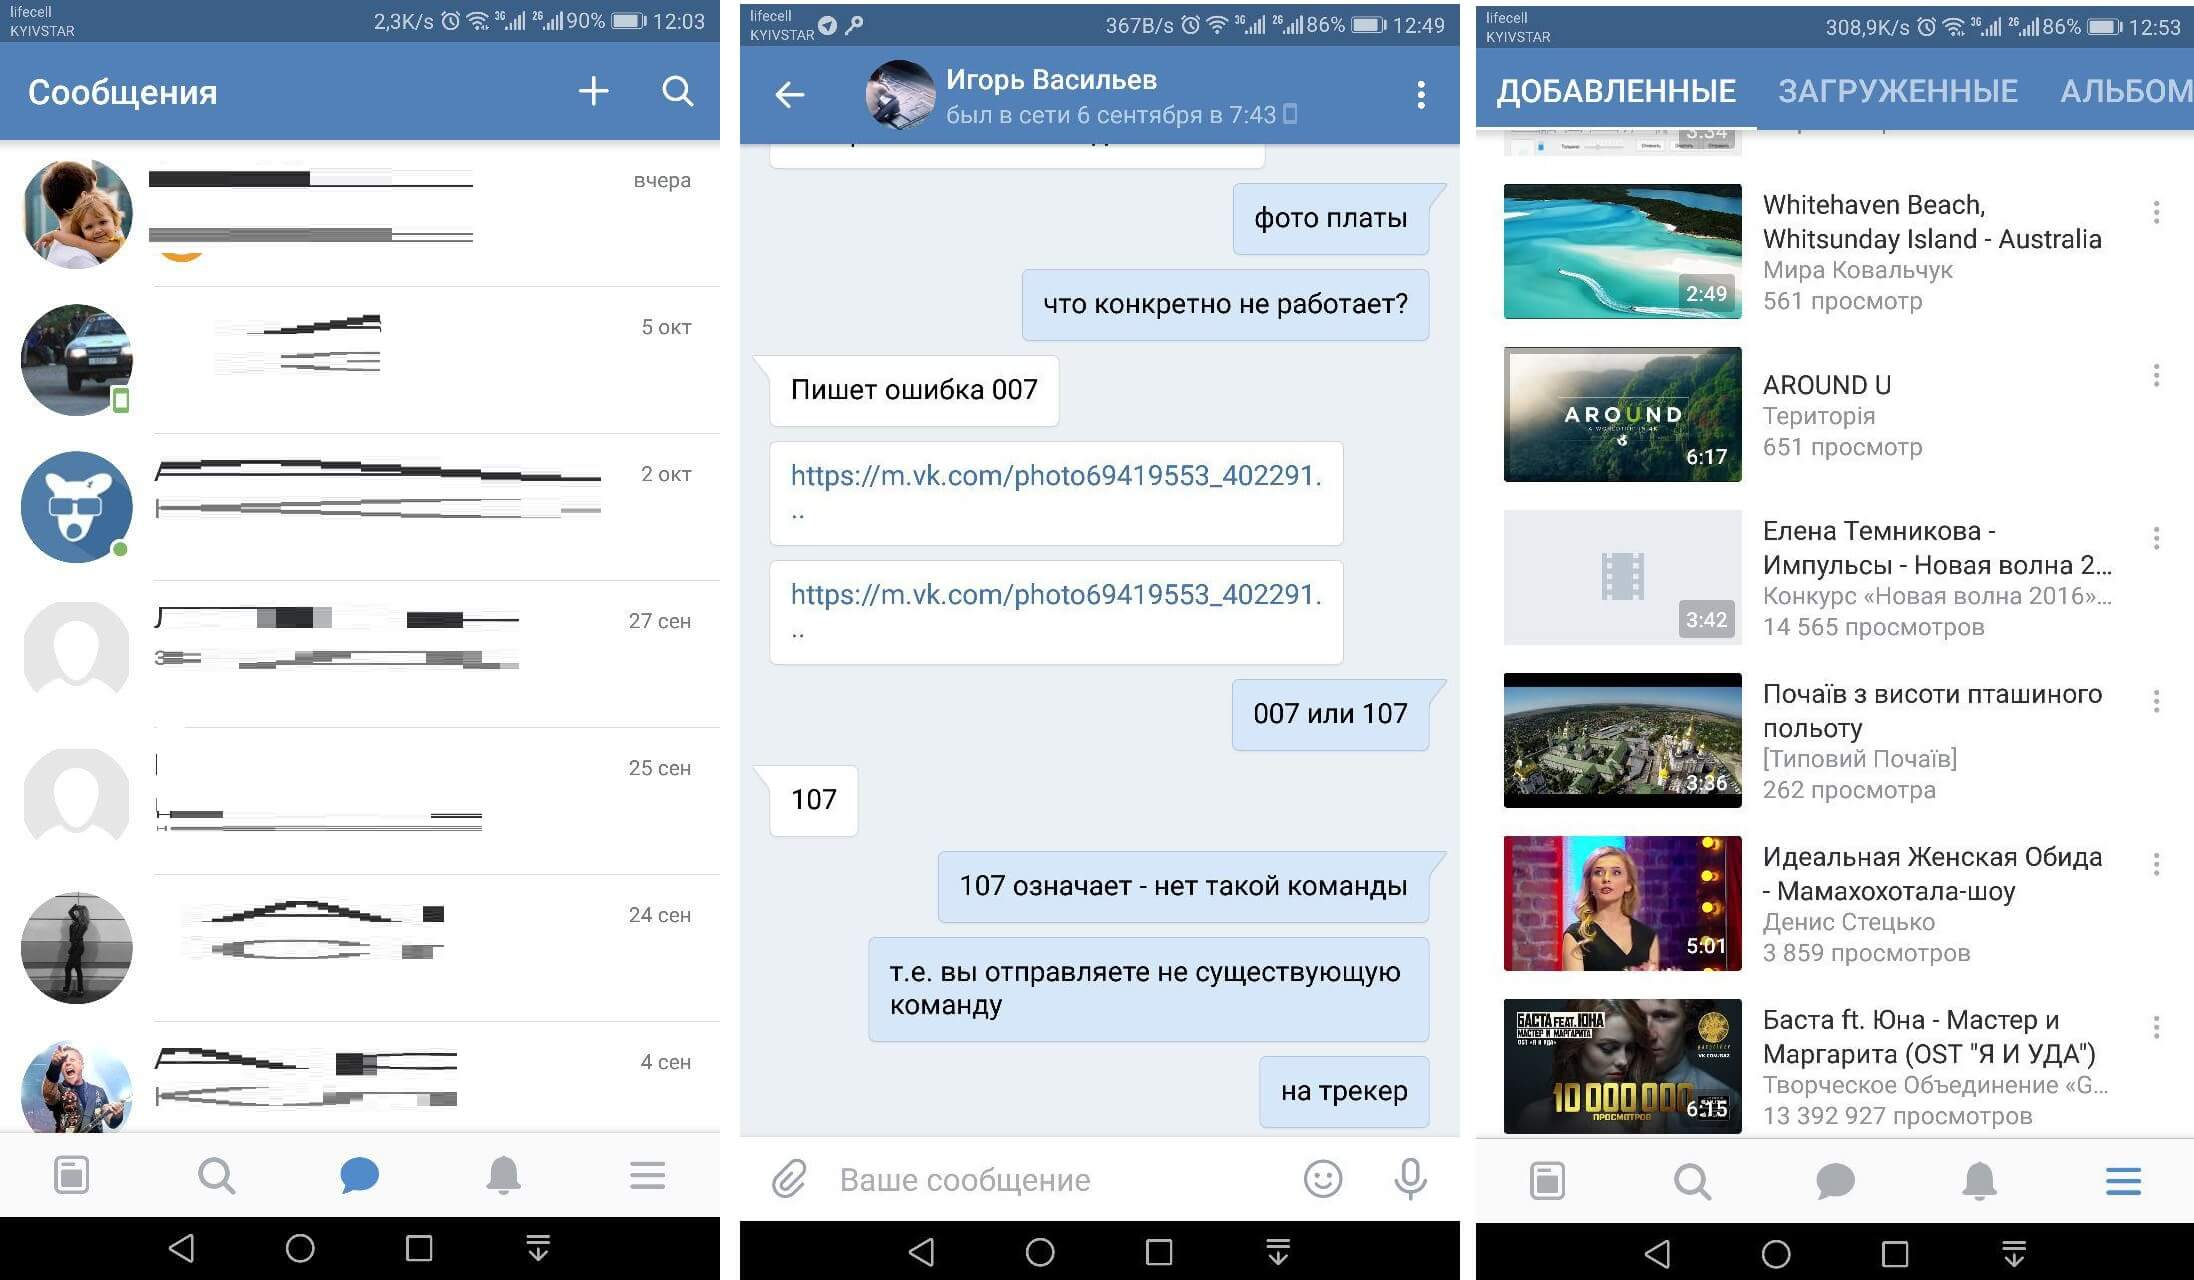 Лайфхак. Доступ к ВКОНТАКТЕ без VPN и левого браузера. Android